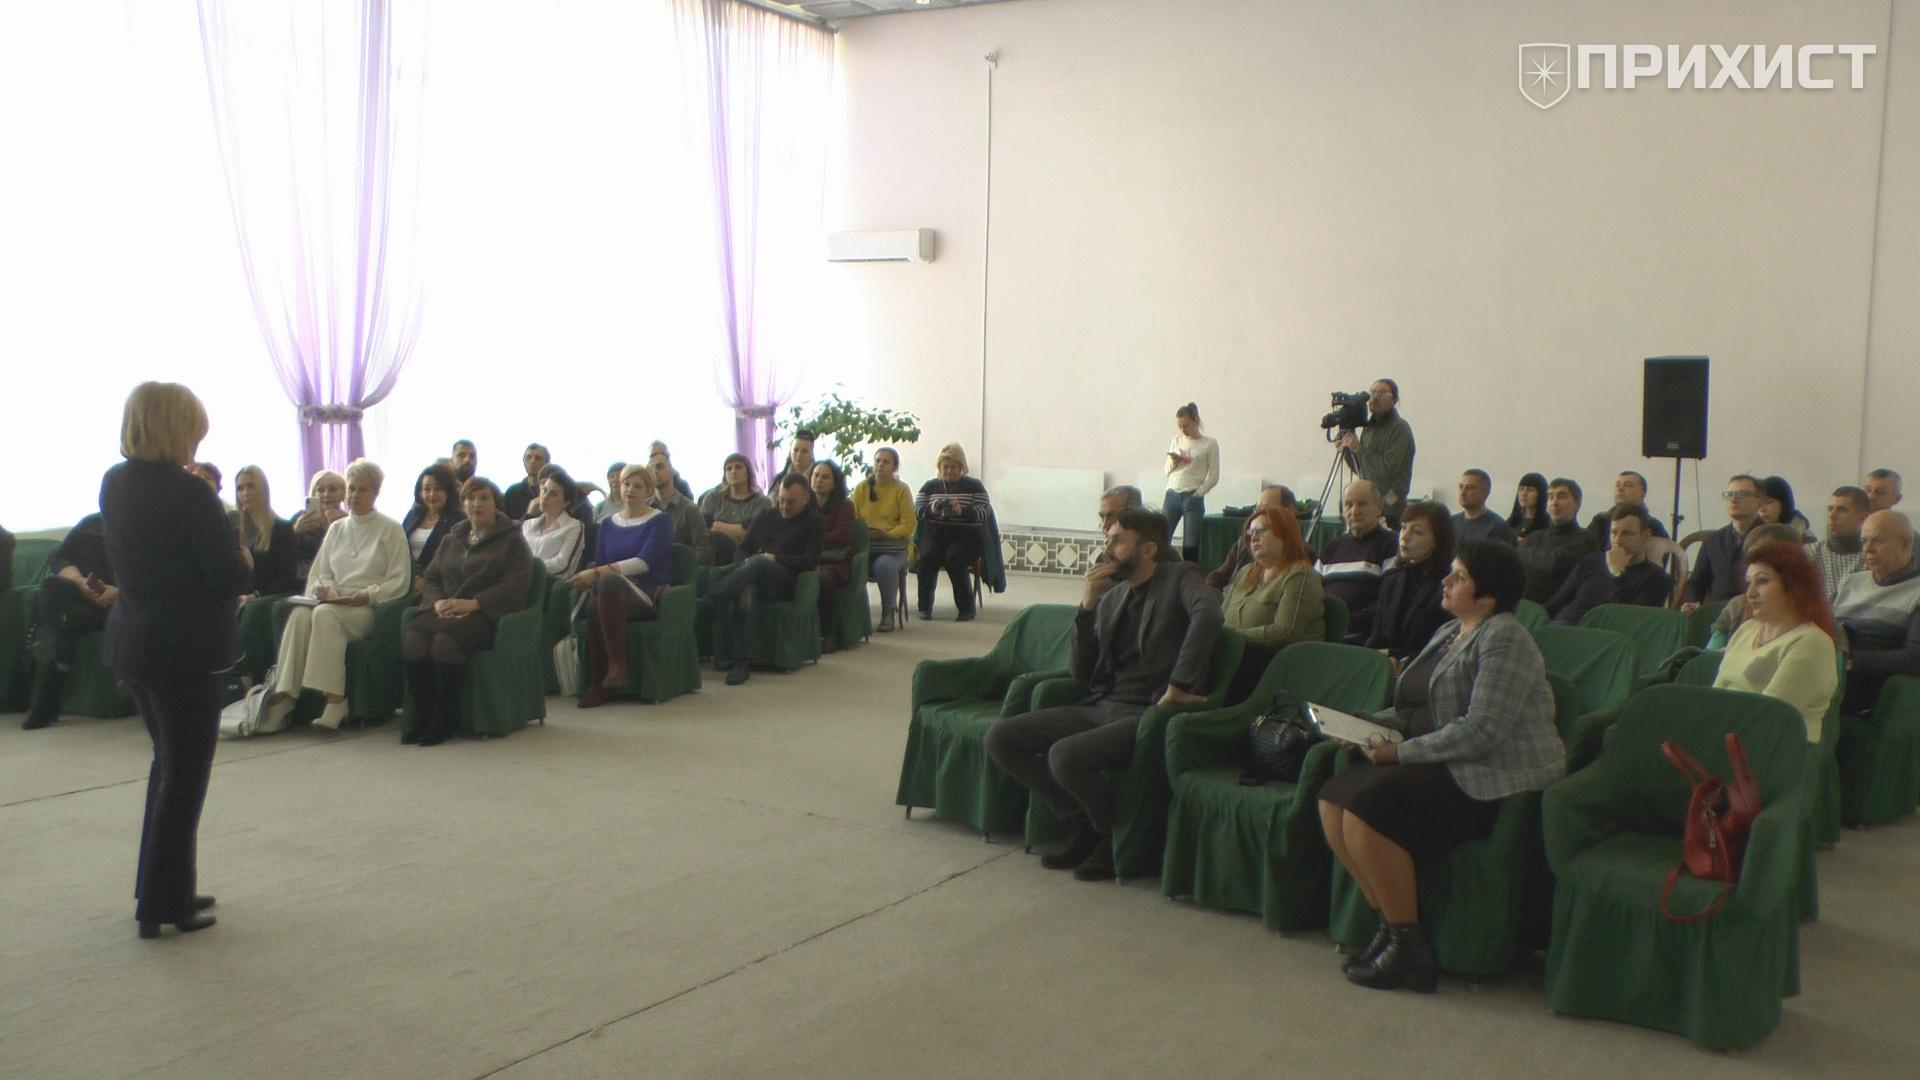 Оздоровлення економіки України: в Нікополі відбулась презентація міжнародної інвестиційної програми | Прихист